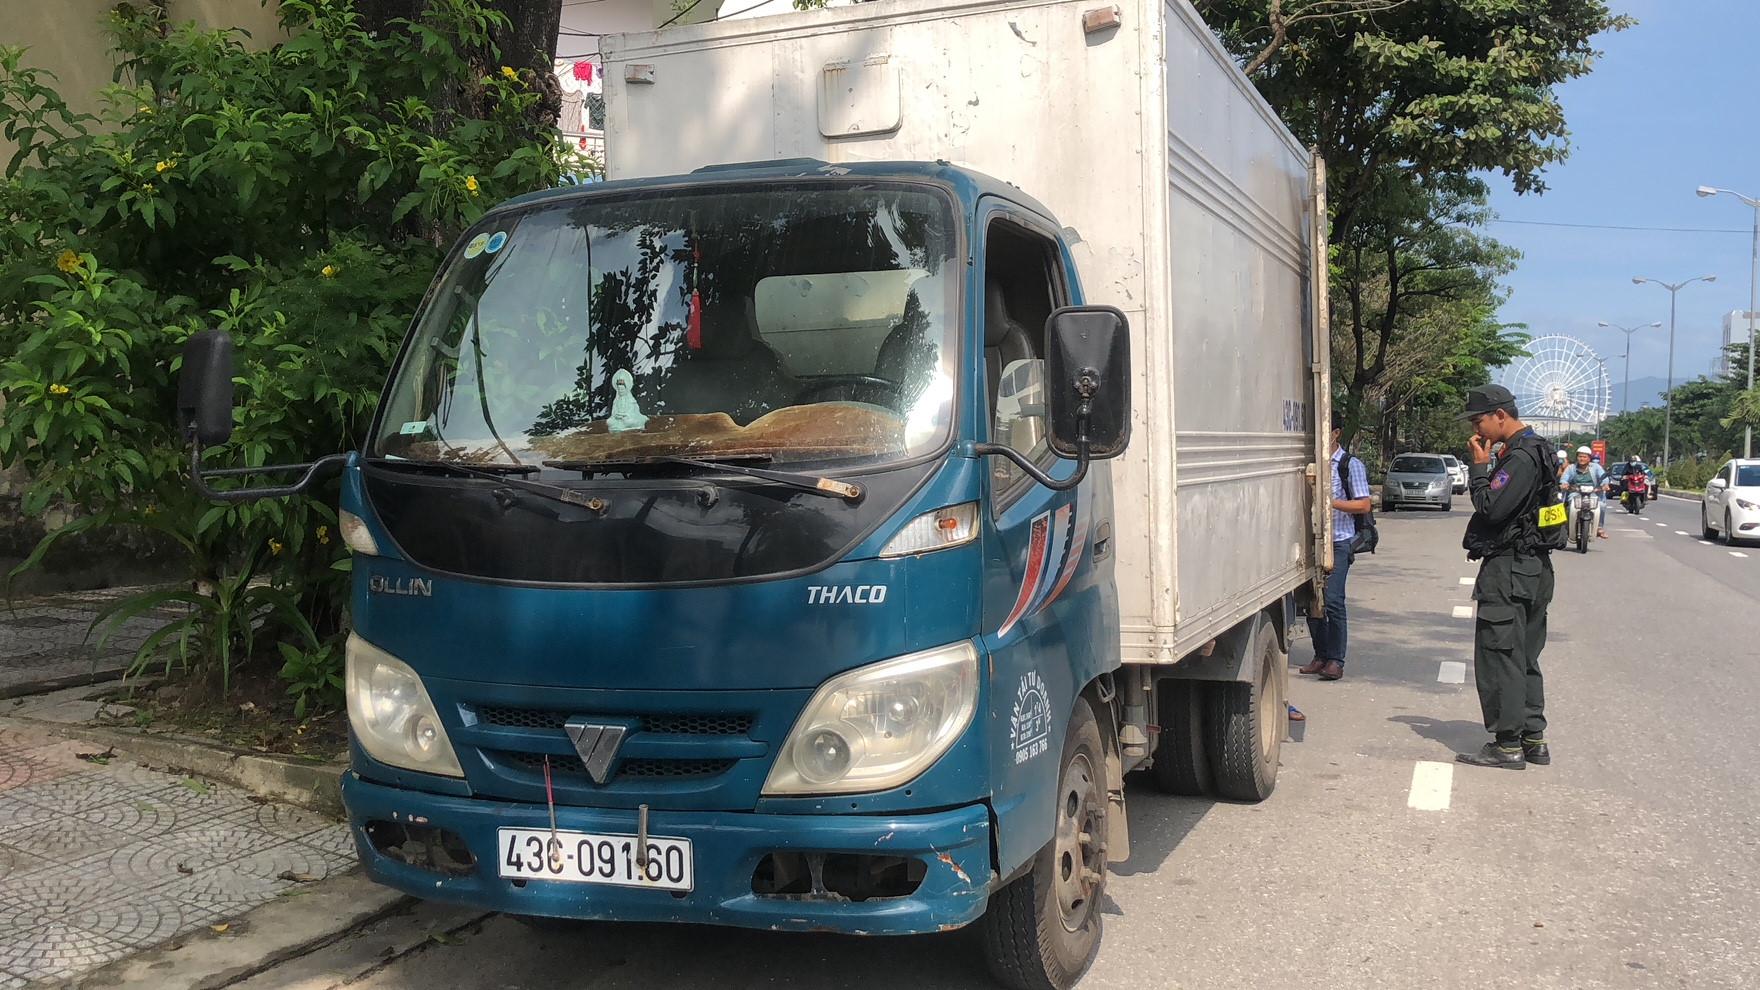 Bắt xe tải chở cá thối khiến người đi đường phải bịt mũi Ảnh 2